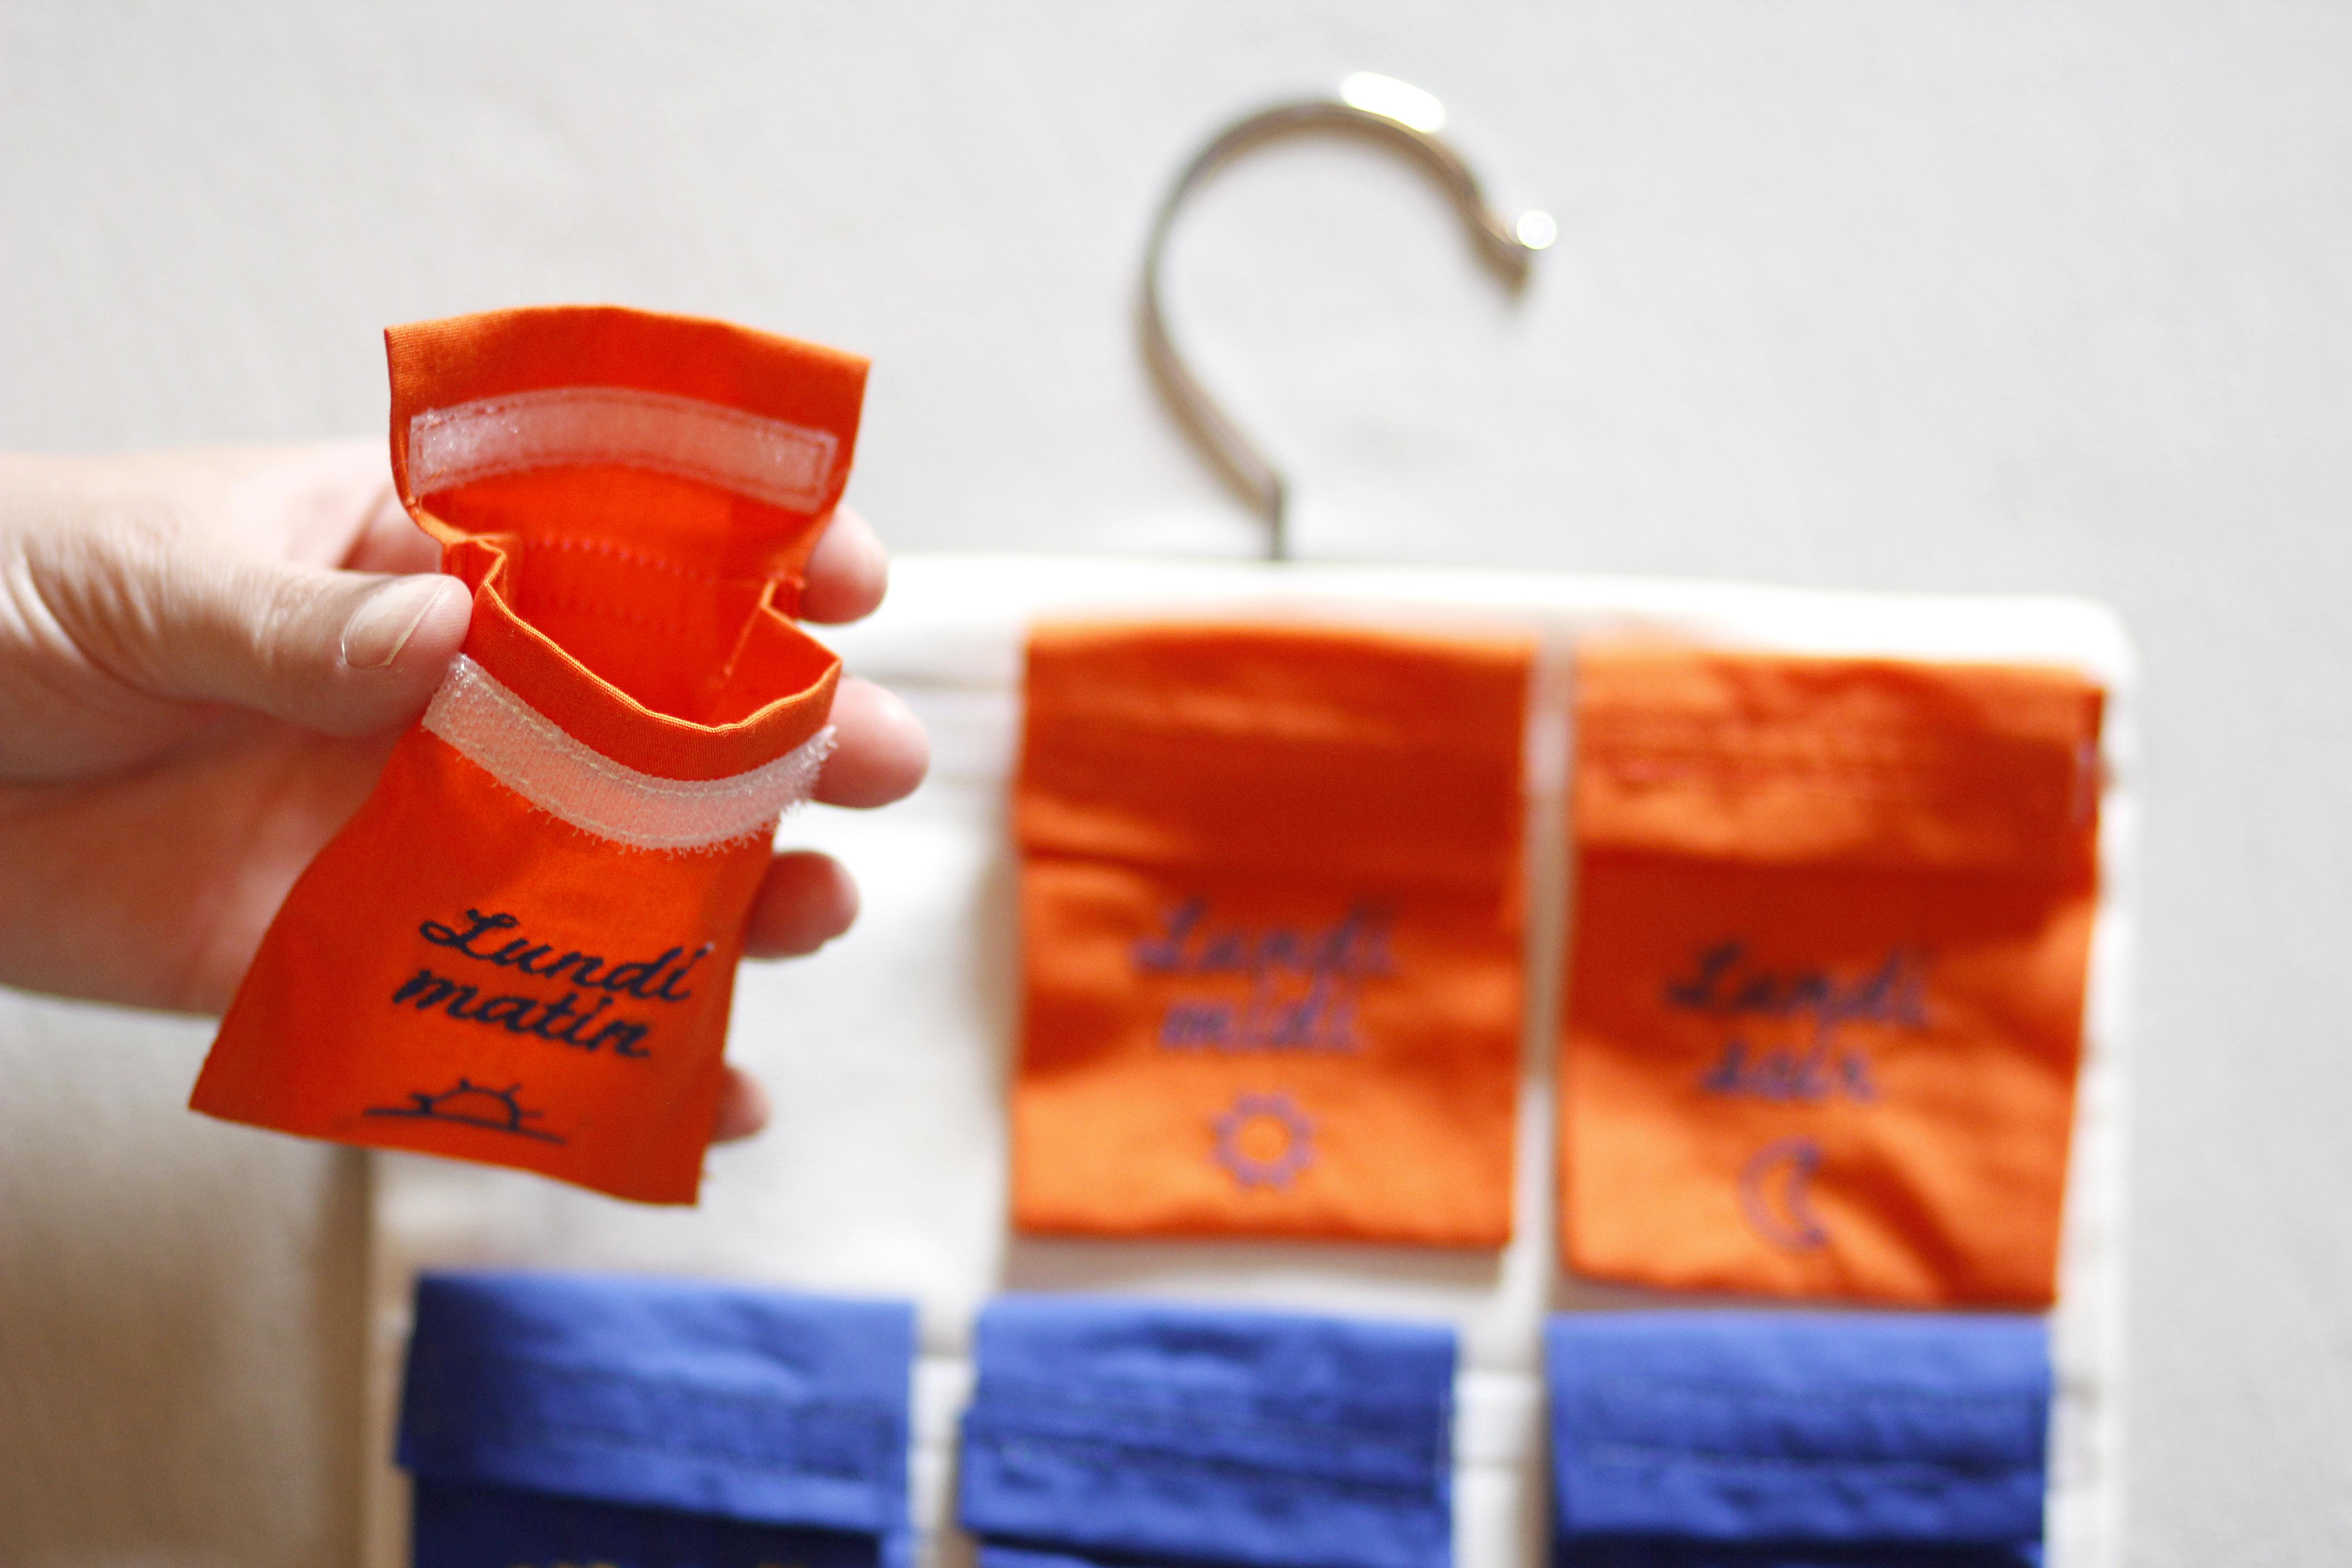 Traitement médical et jeu d'enfant. Pilulier Tonique Pilleasy Pochettes doses grande contenance